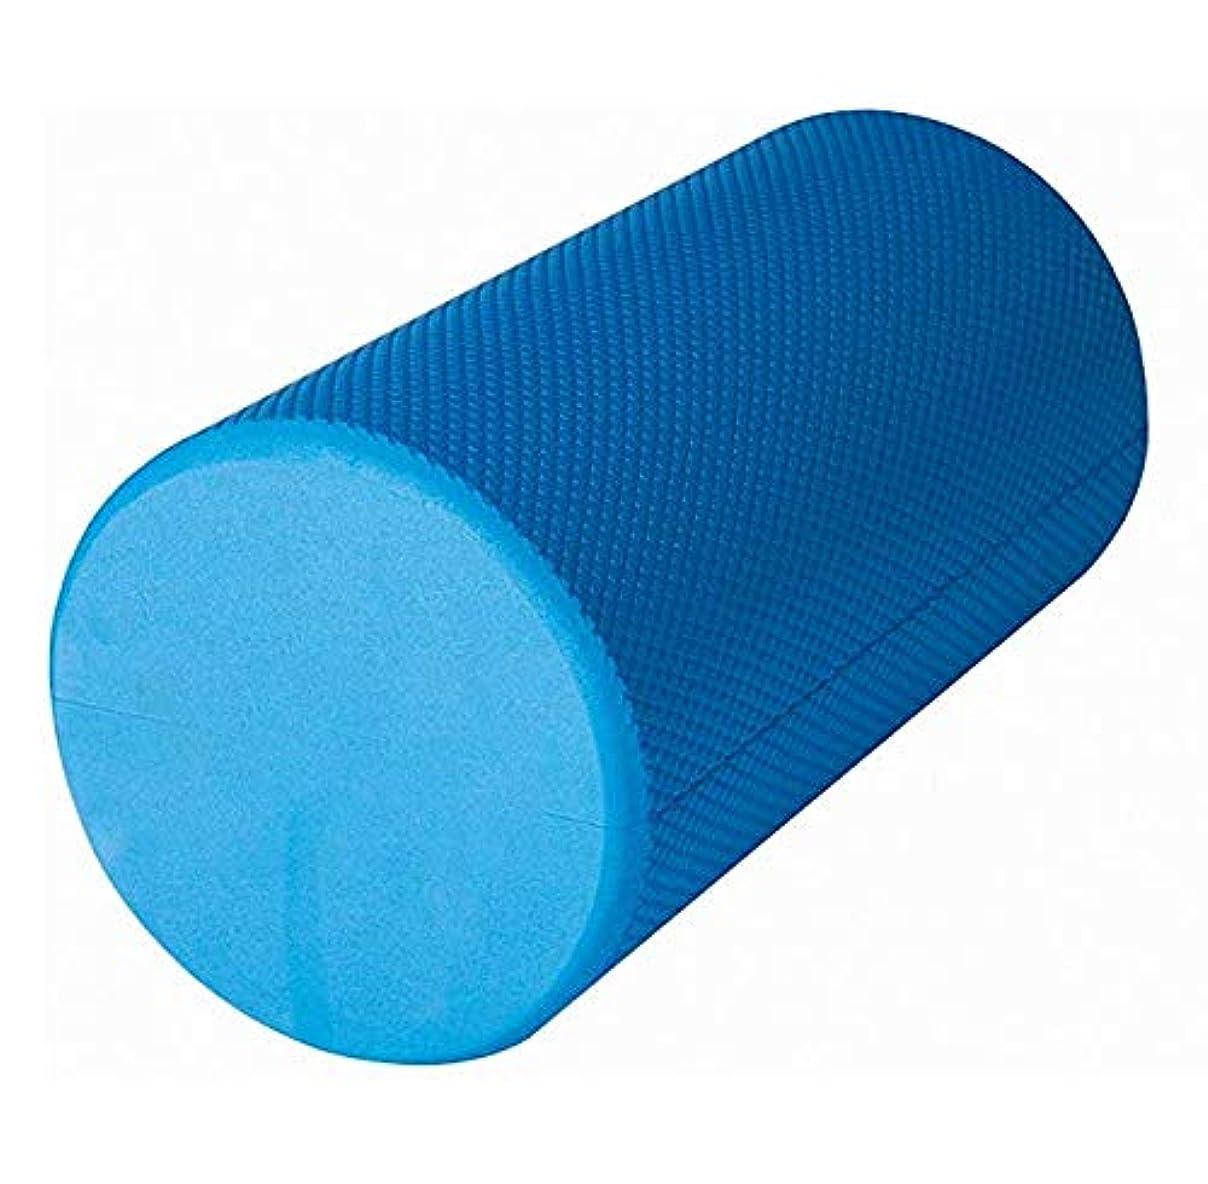 まさにクラッシュこねるフォームローラー、ディープティシューマッスルマッサージ用バックローラー-ブルー,Blue -30x15cm